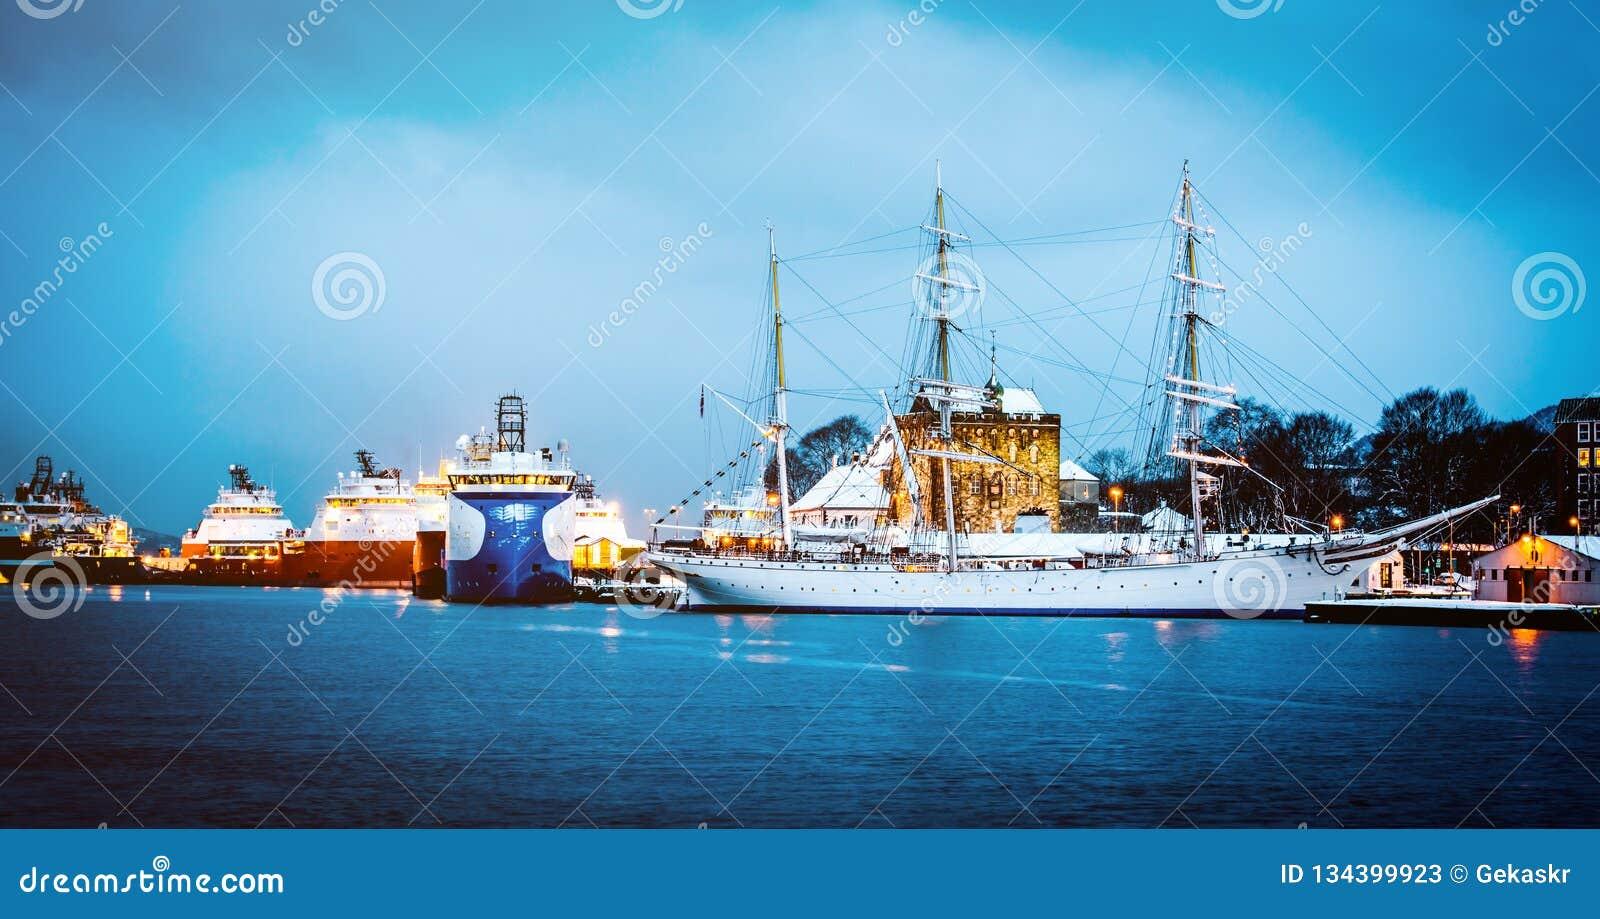 Σκάφη που ελλιμενίζονται στο λιμάνι το βράδυ, Μπέργκεν, Νορβηγία